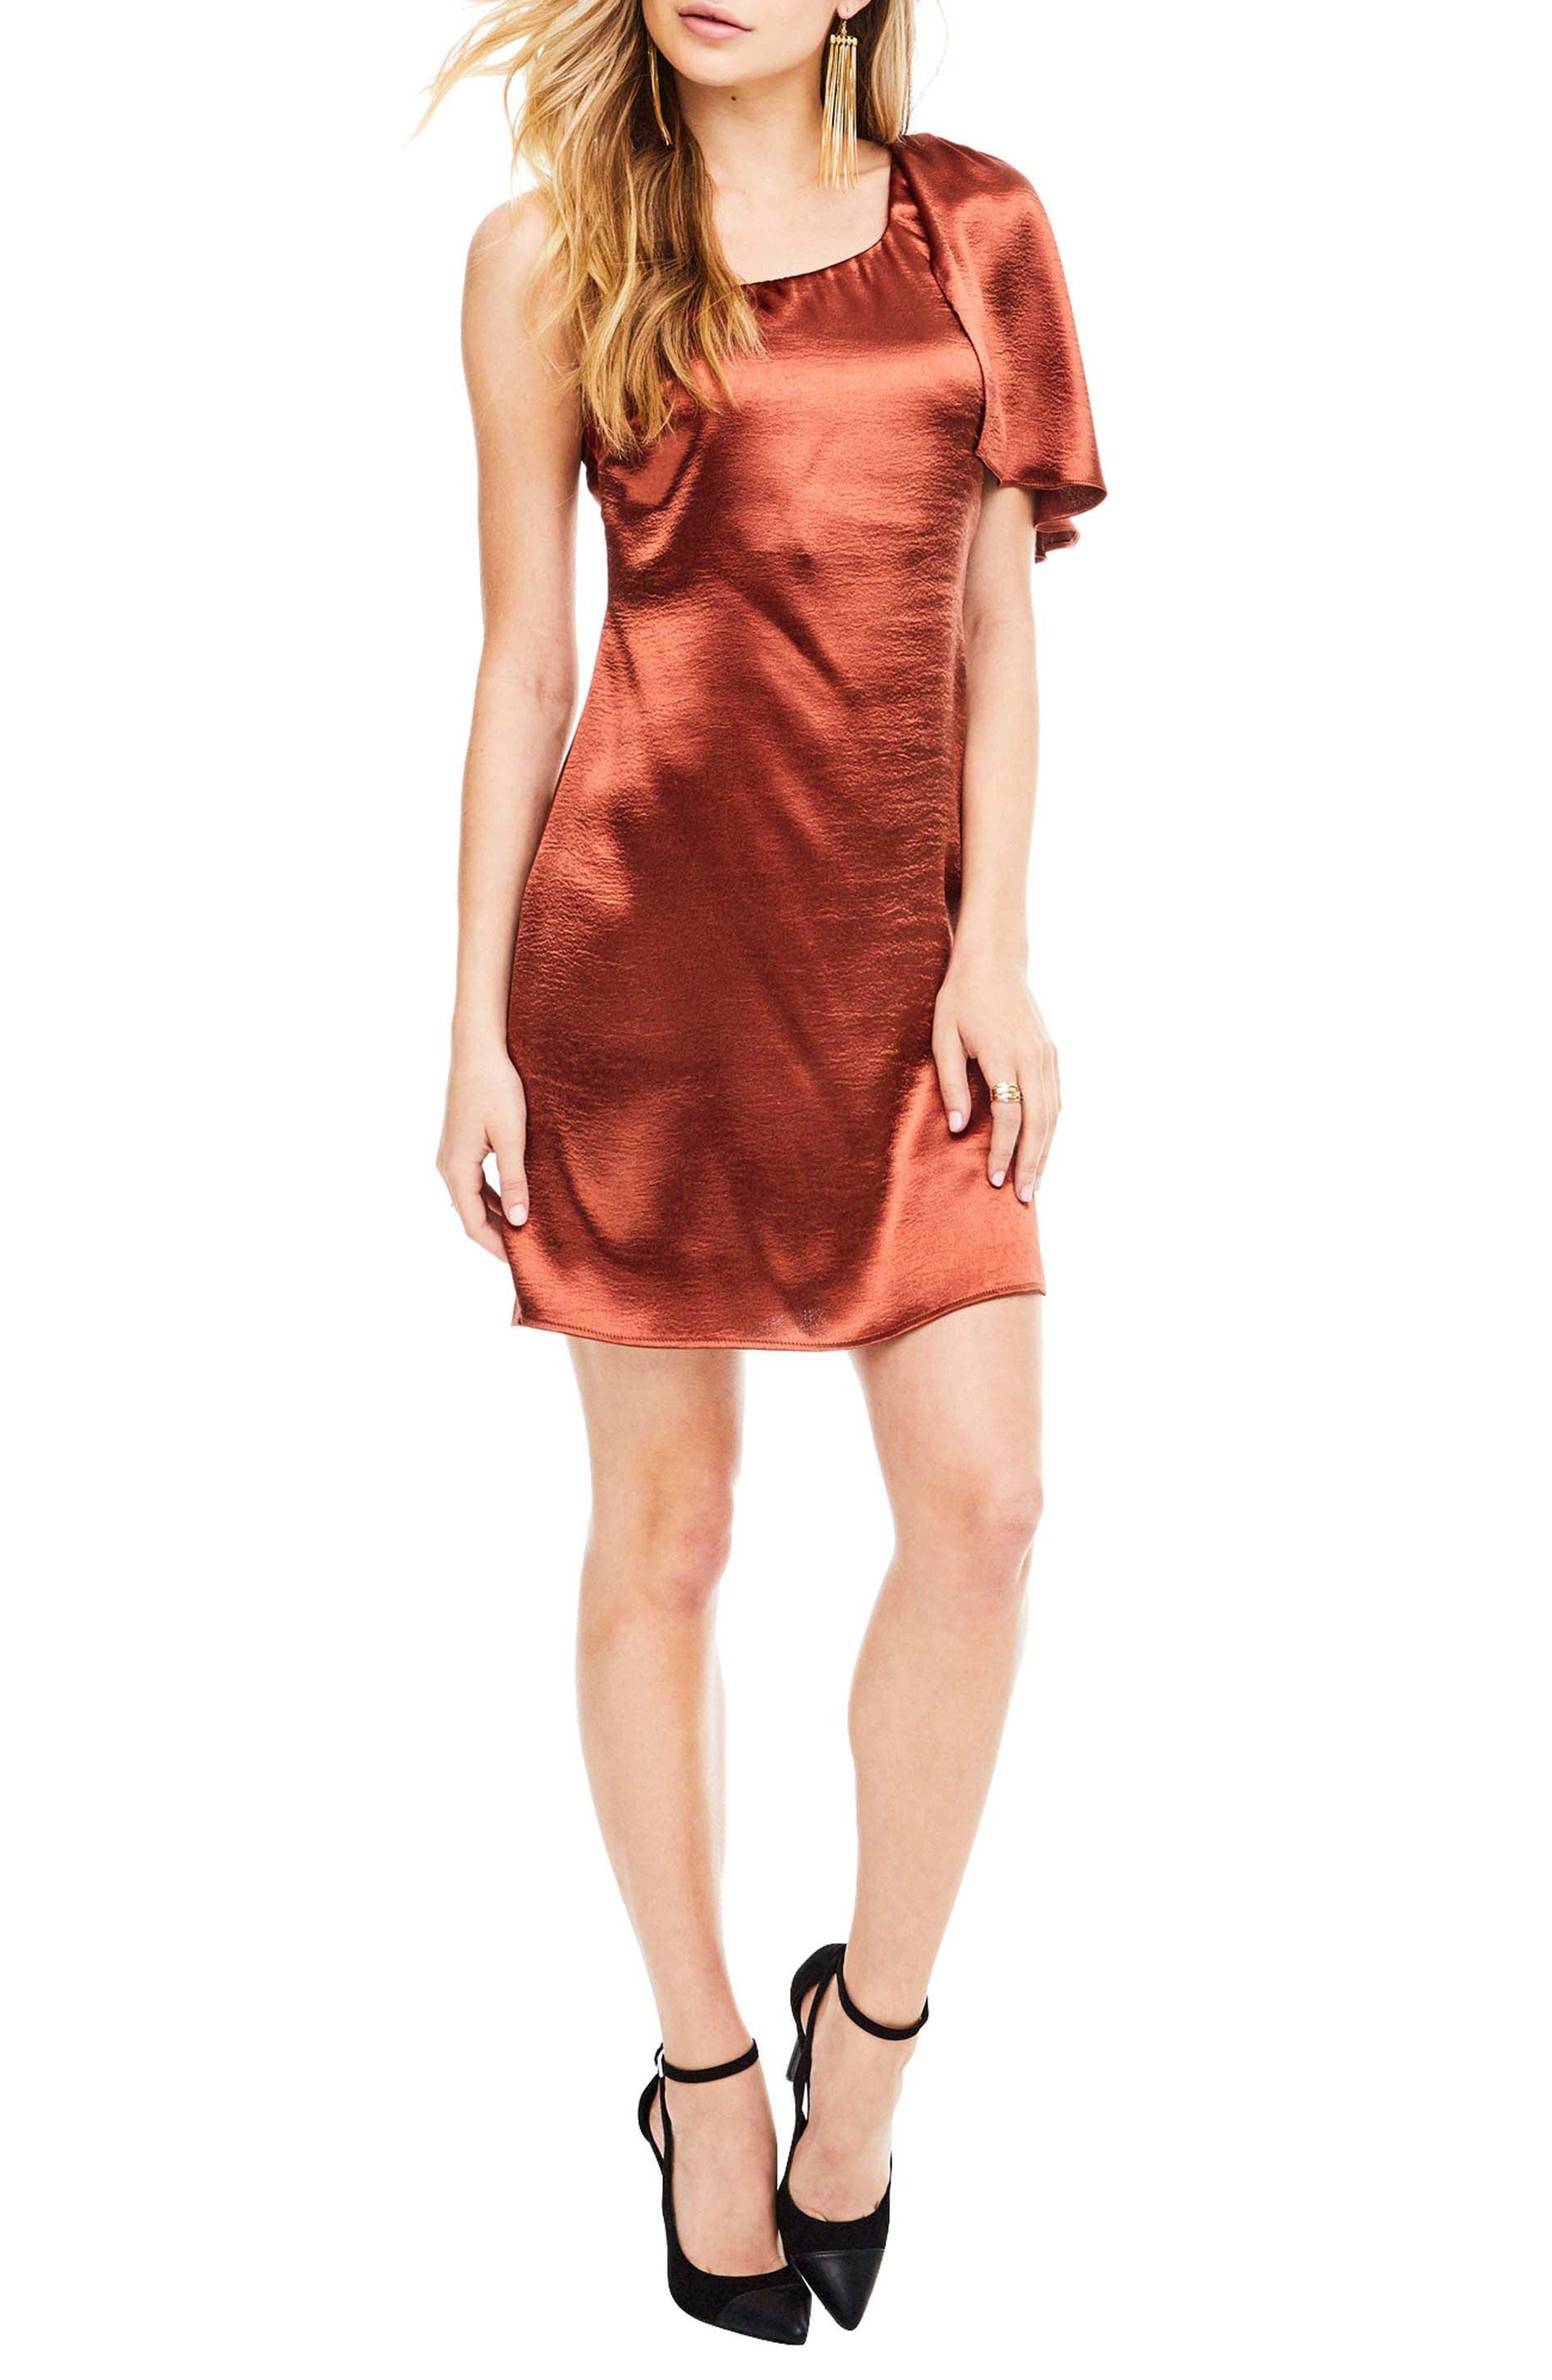 Alternate Image 1 Selected - ASTR The Label Crystalyn One Shoulder Minidress